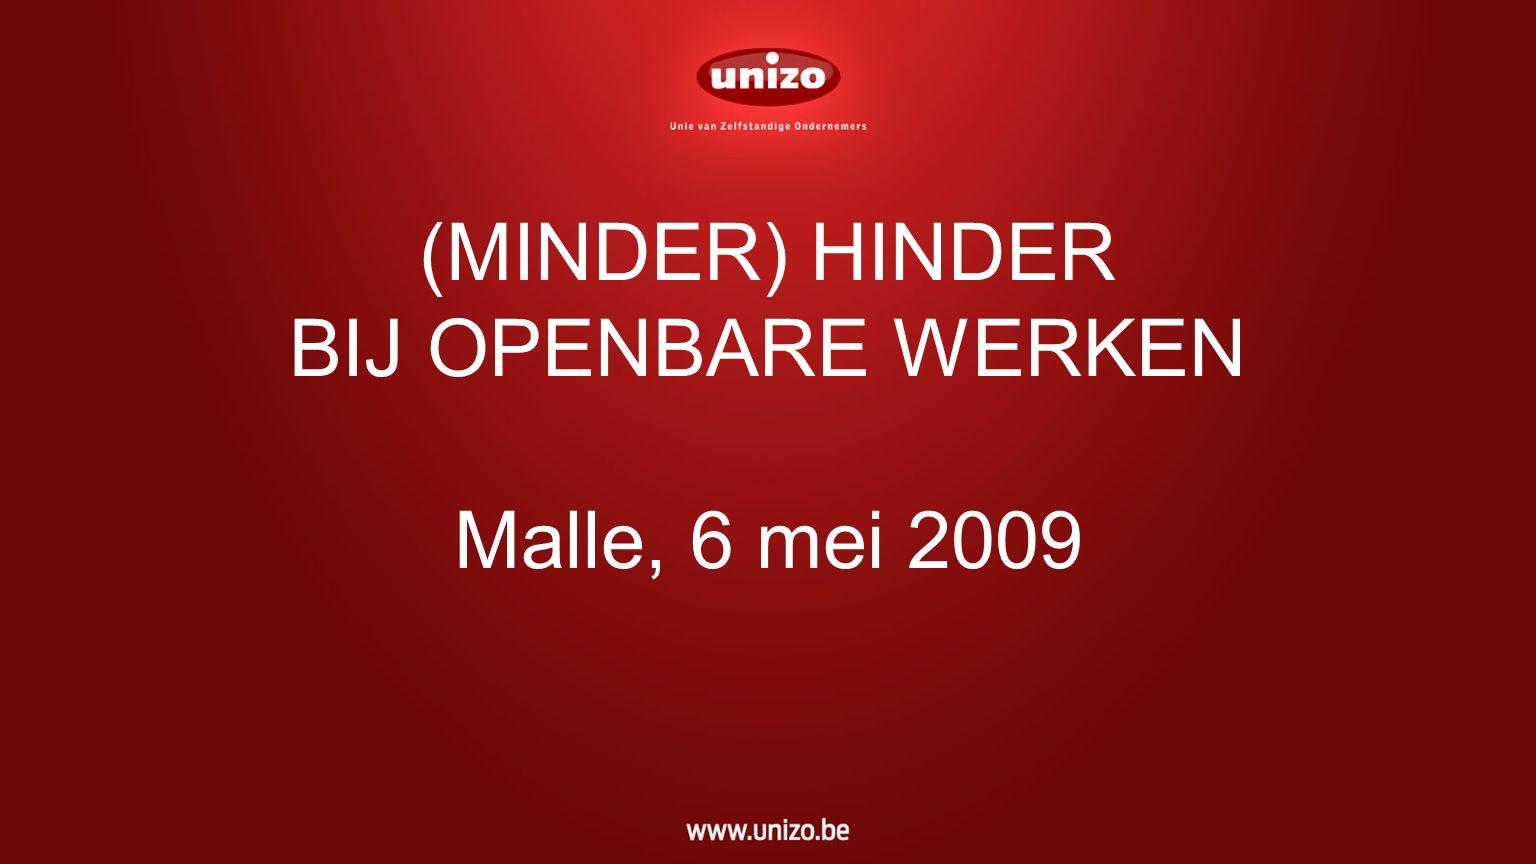 MINDER HINDER BIJ OPENBARE WERKEN -